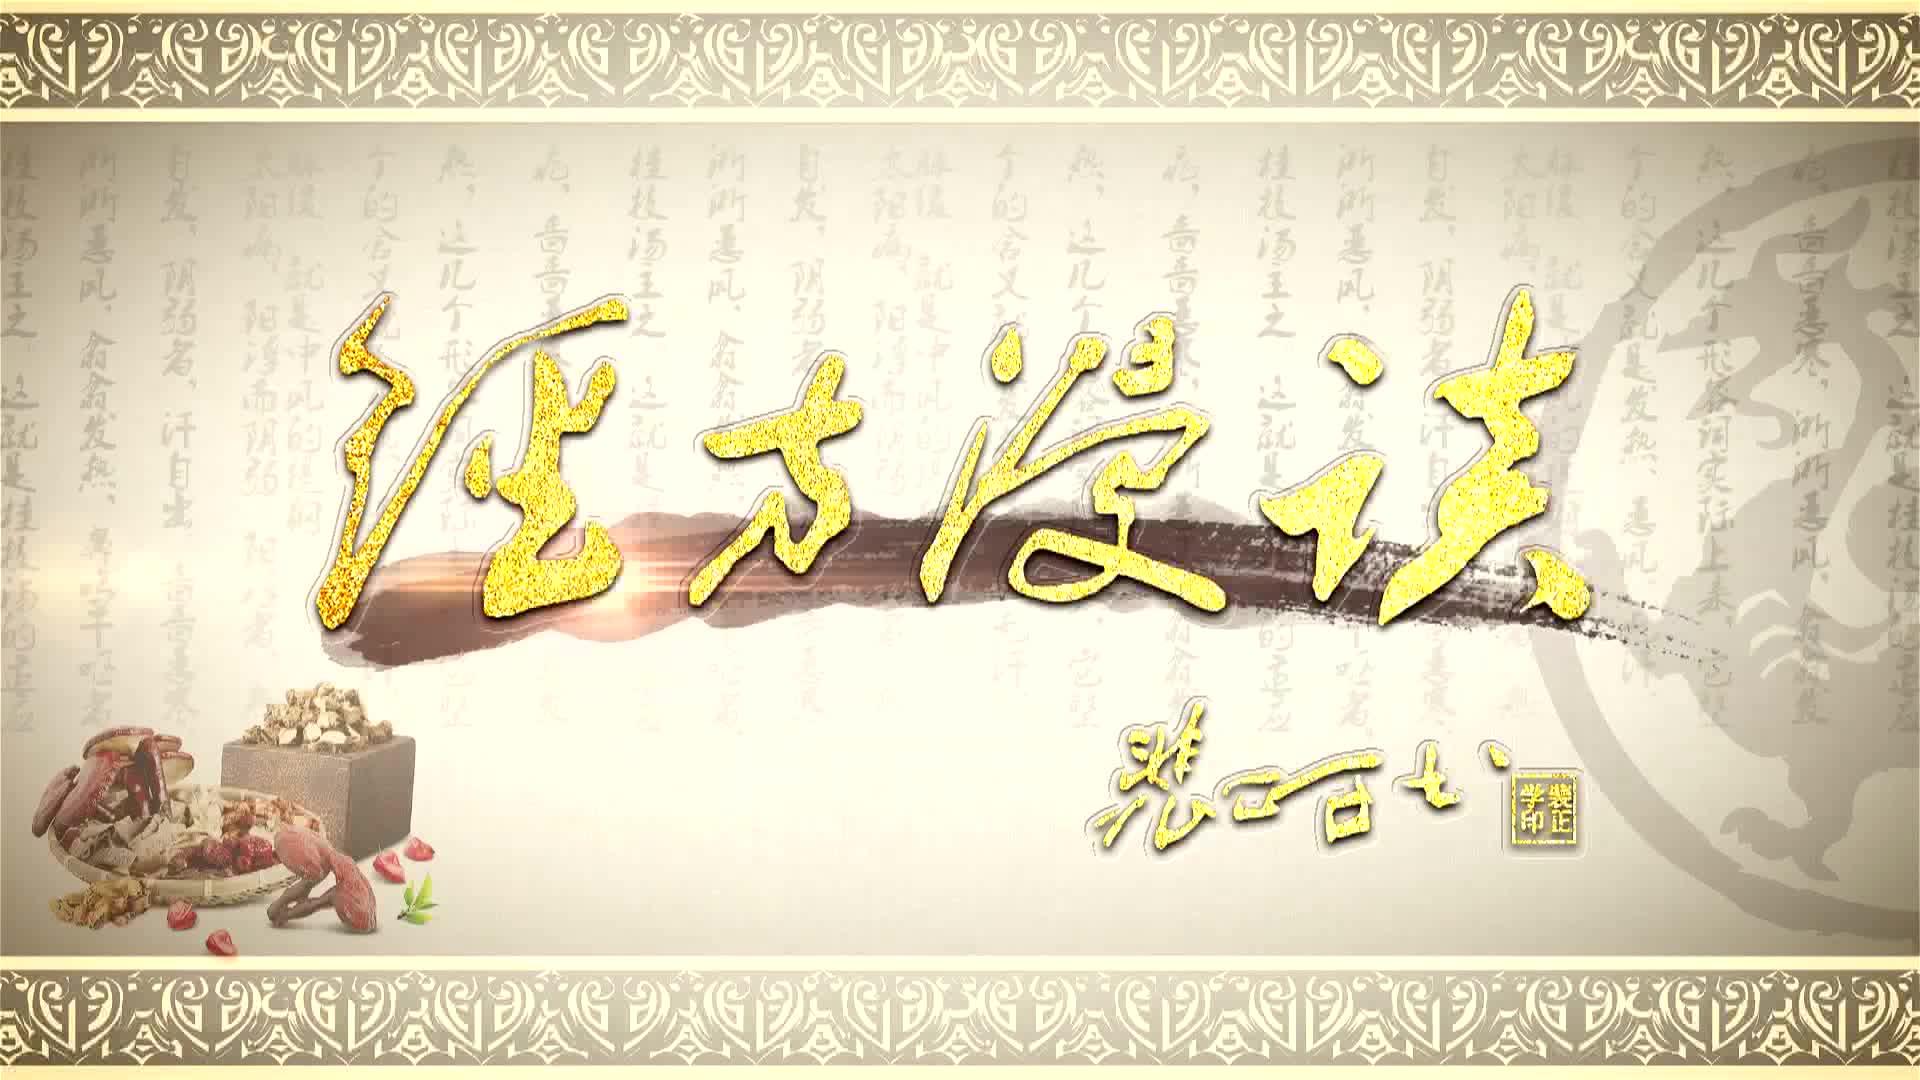 第三集丨国家级名老中医裴正学《经方漫谈》